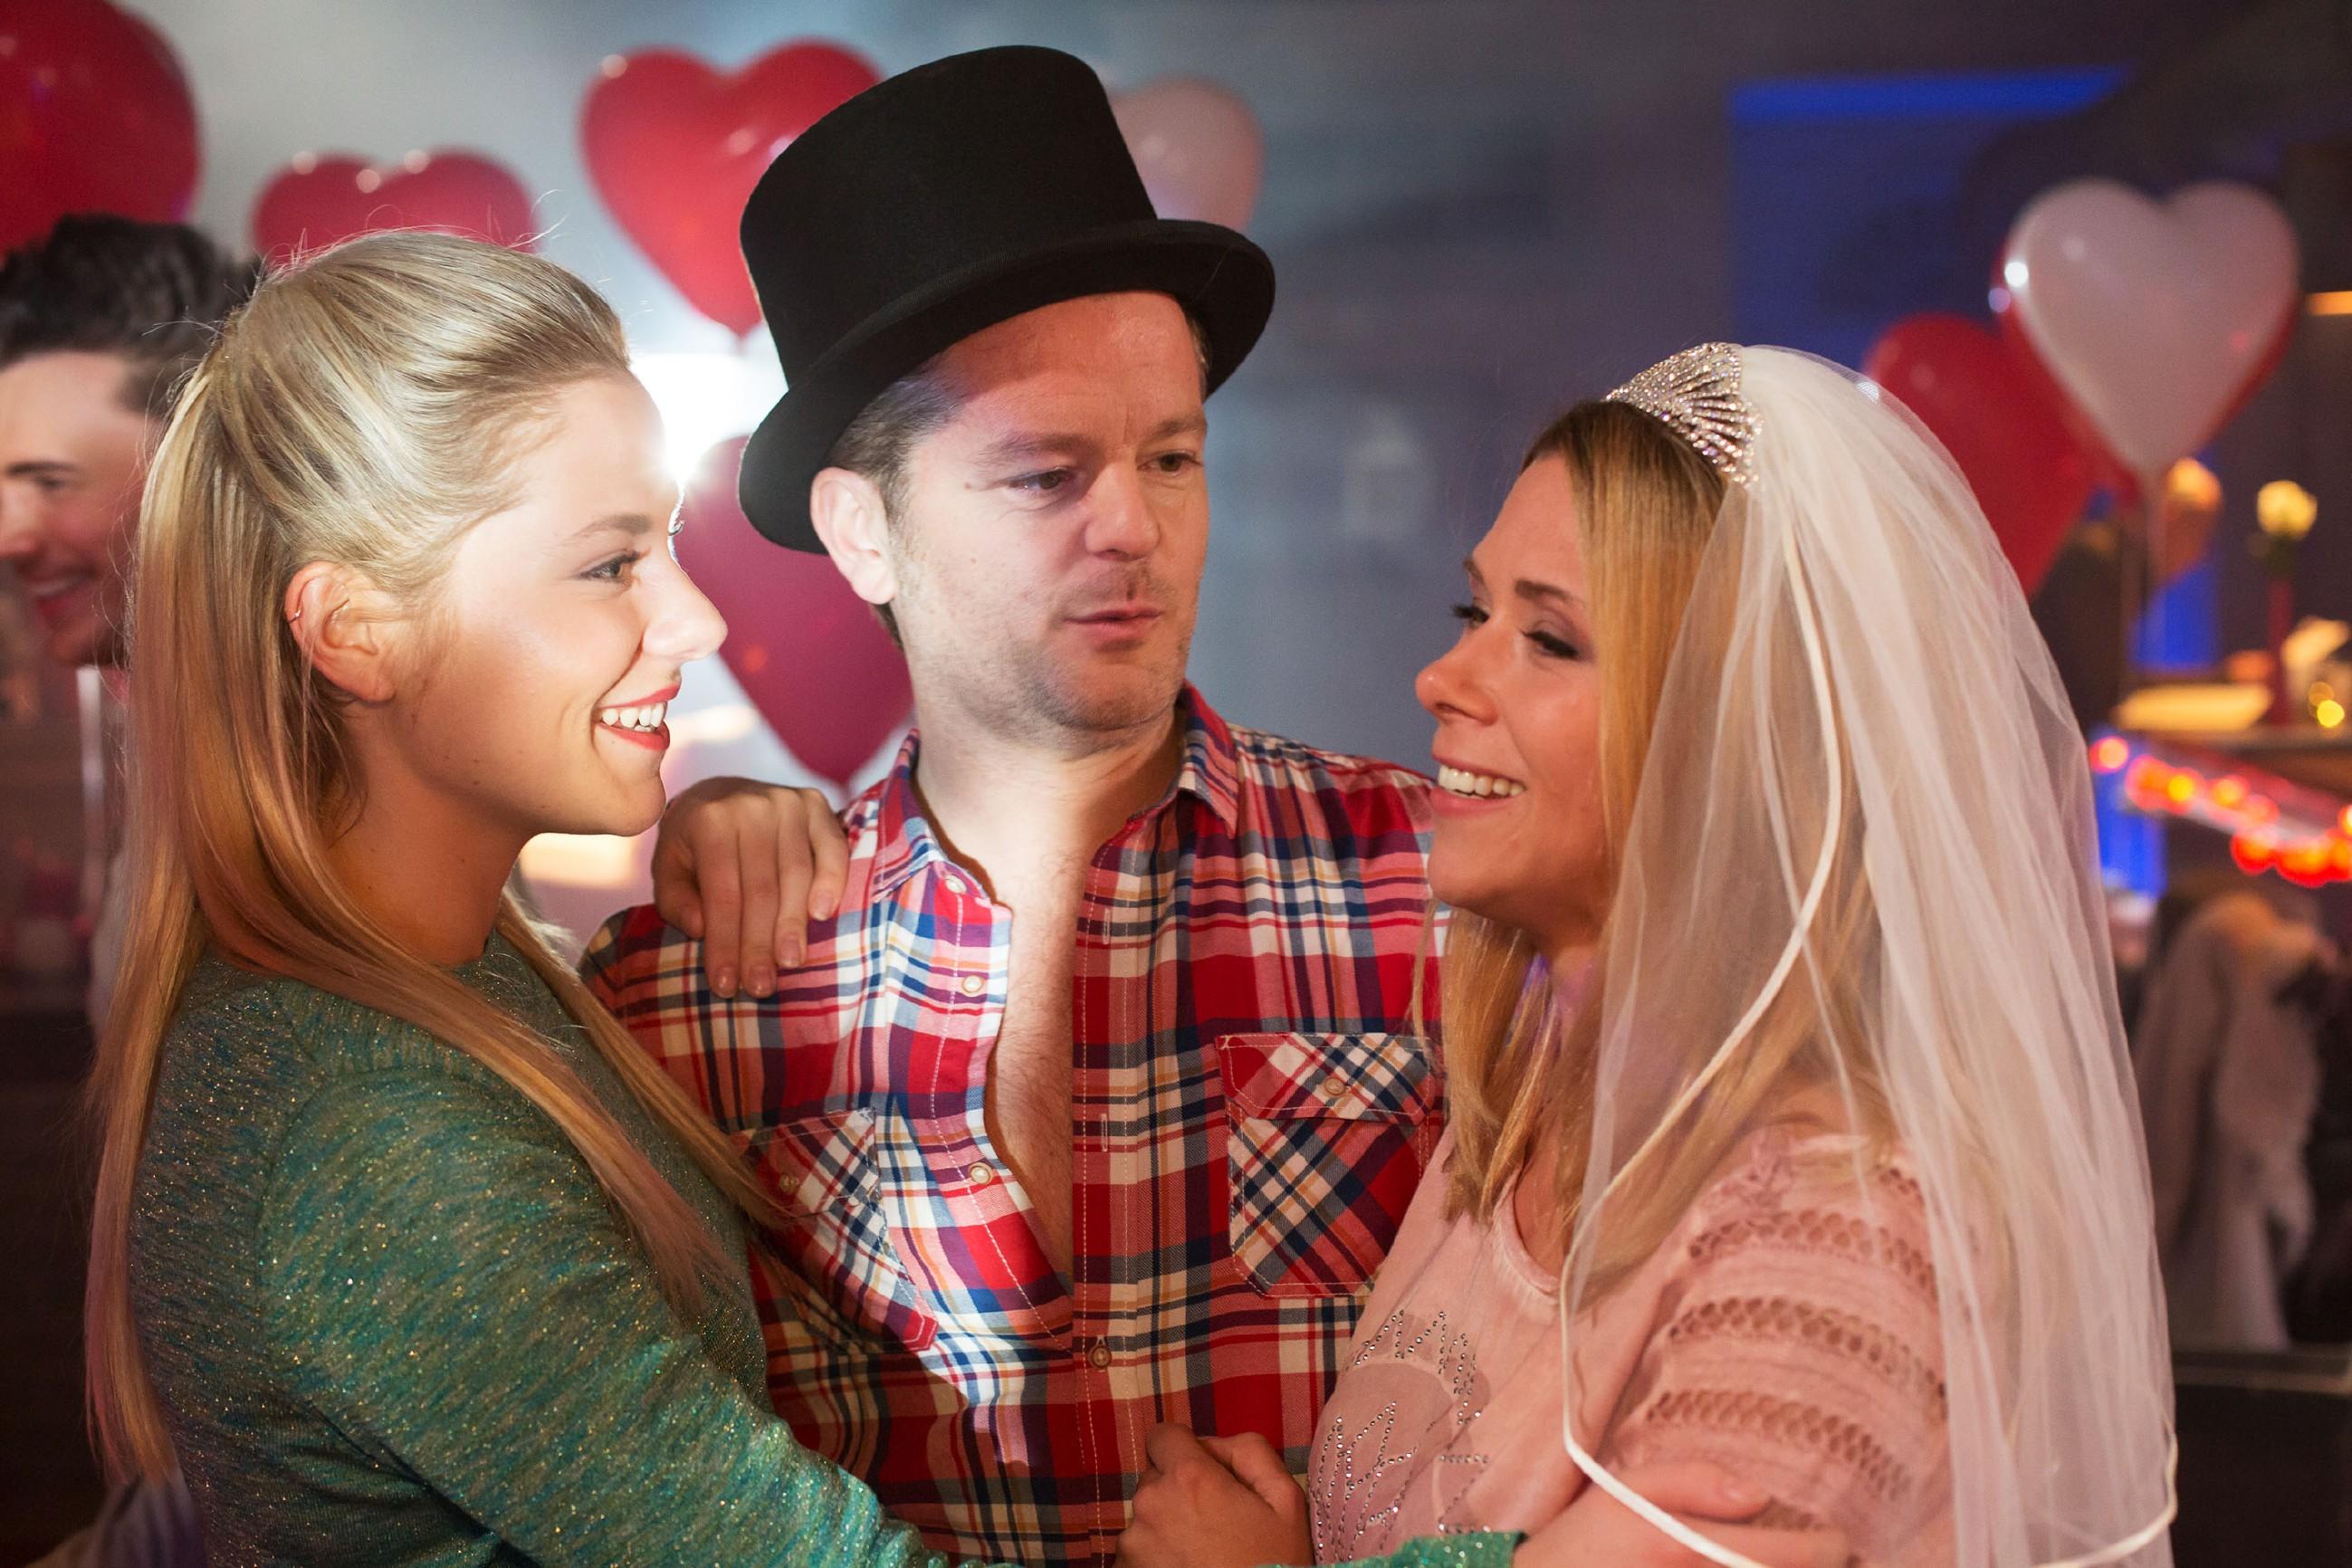 Marie (Cheyenne Pahde, l.) und die Freunde feiern die Überraschungsparty für Diana (Tanja Szewczenko) und Ingo (André Dietz) trotzdem, obwohl herauskommt, dass die beiden gar nicht verlobt sind. (Quelle: RTL / Michael Böhme)